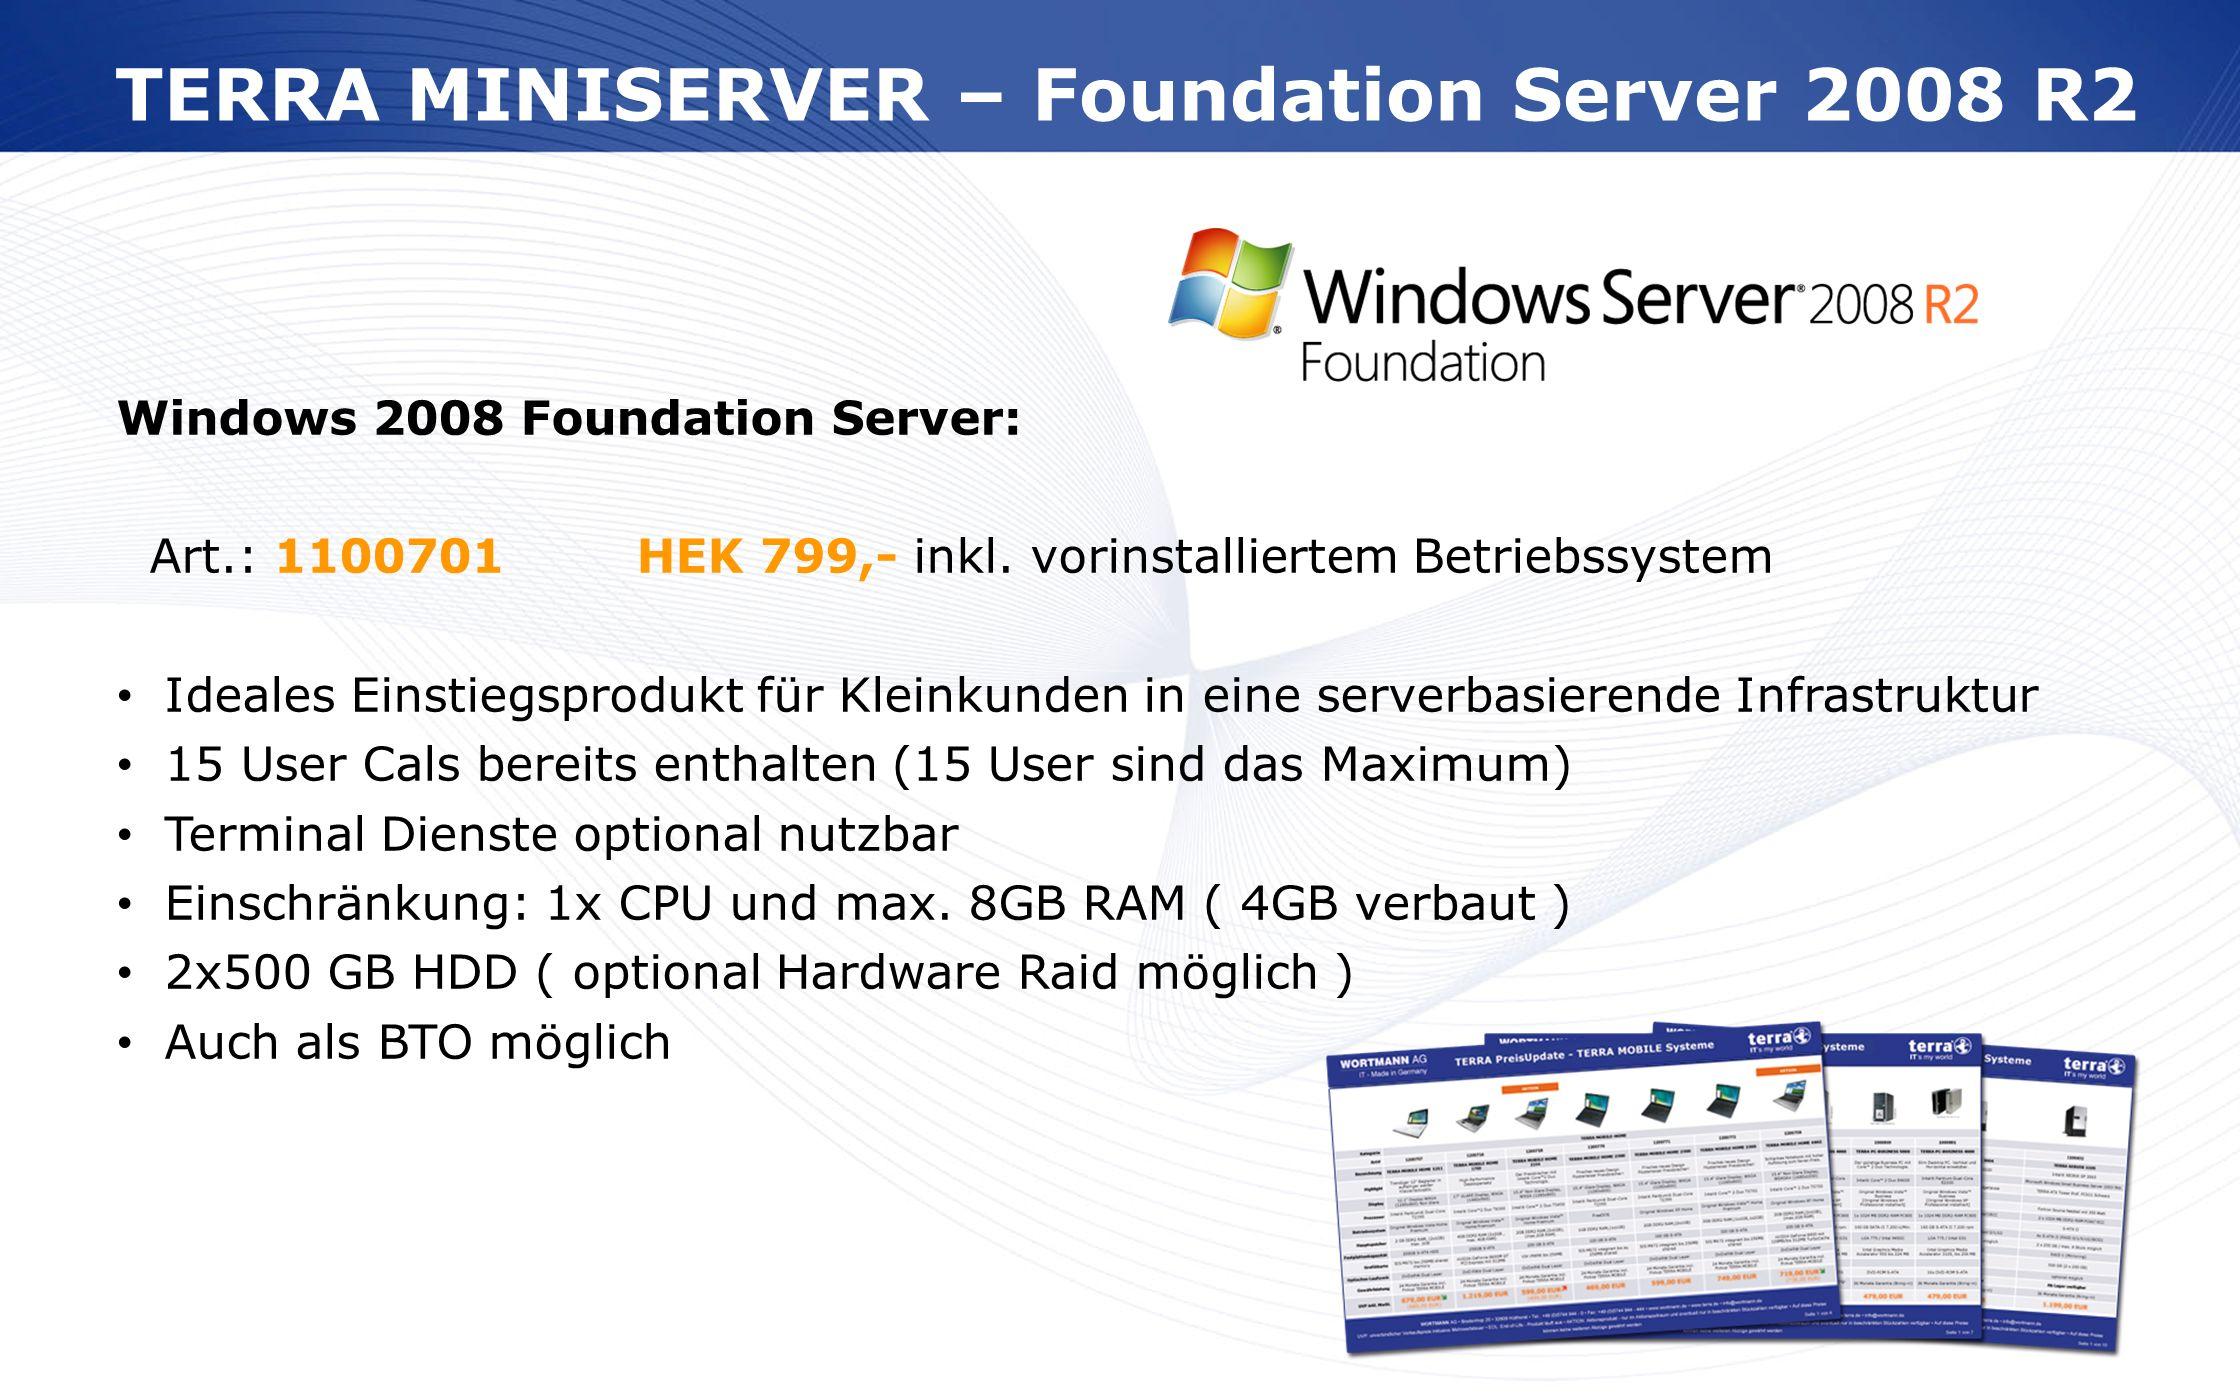 www.wortmann.de Windows 2008 Foundation Server: Art.: 1100701HEK 799,- inkl. vorinstalliertem Betriebssystem Ideales Einstiegsprodukt für Kleinkunden